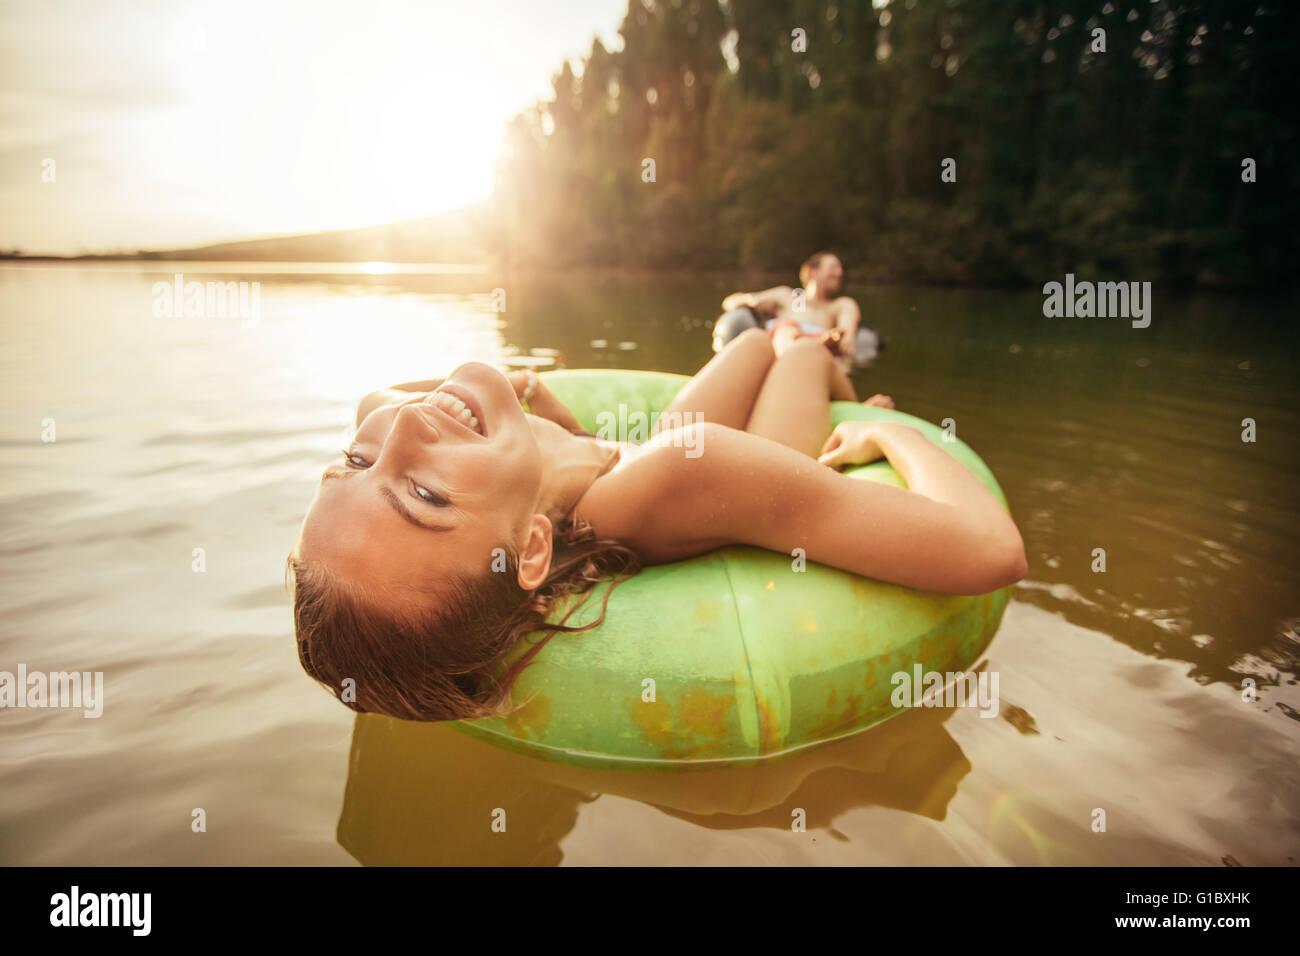 Closeup ritratto di sorridente ragazza giovane galleggianti in un innertube con un uomo a sfondo in un lago. Giovane Foto Stock